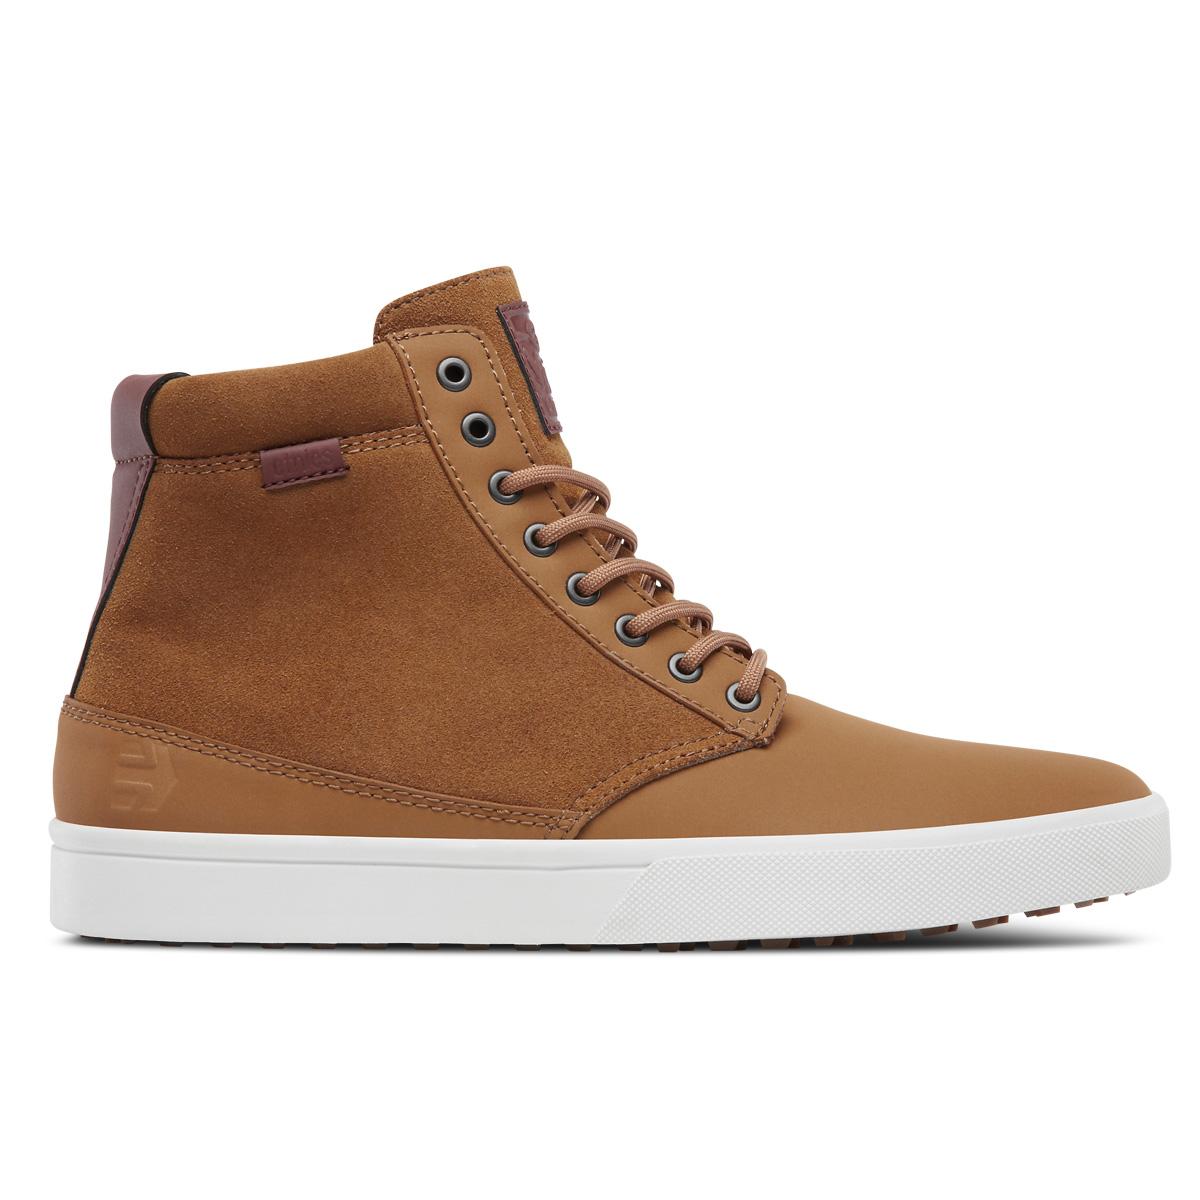 Etnies Marron-Baskets Chaussures De Skate-Jameson HTW Marron-Baskets Etnies montantes Winterized Weatherproof 58377e